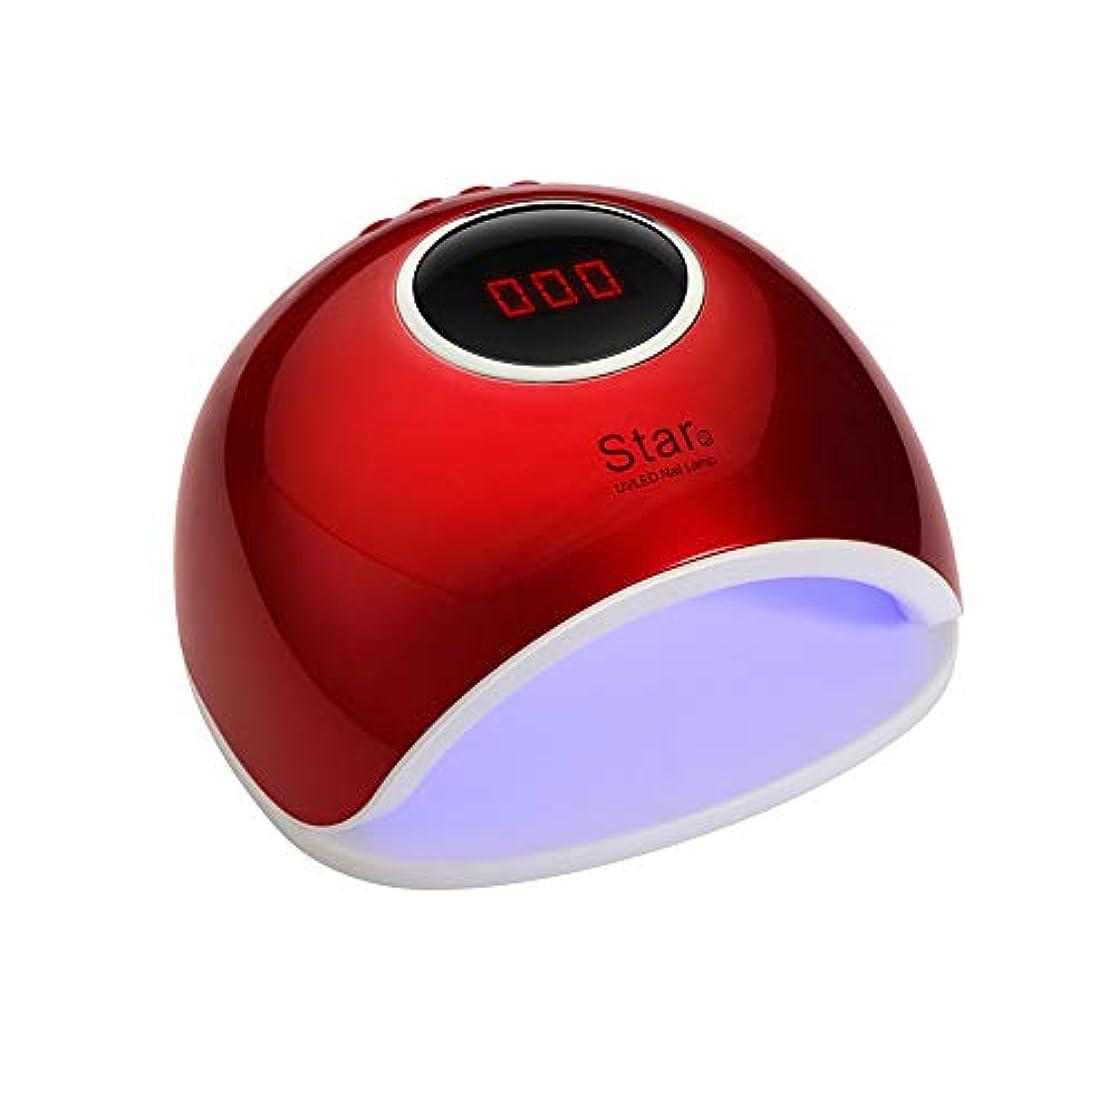 変色する嘆願気づかない家の修理初心者ネイルスマート光療法機72ワットスマート誘導無痛マニキュアドライヤーネイルポリッシュグルーライト速乾性ネイルランプ